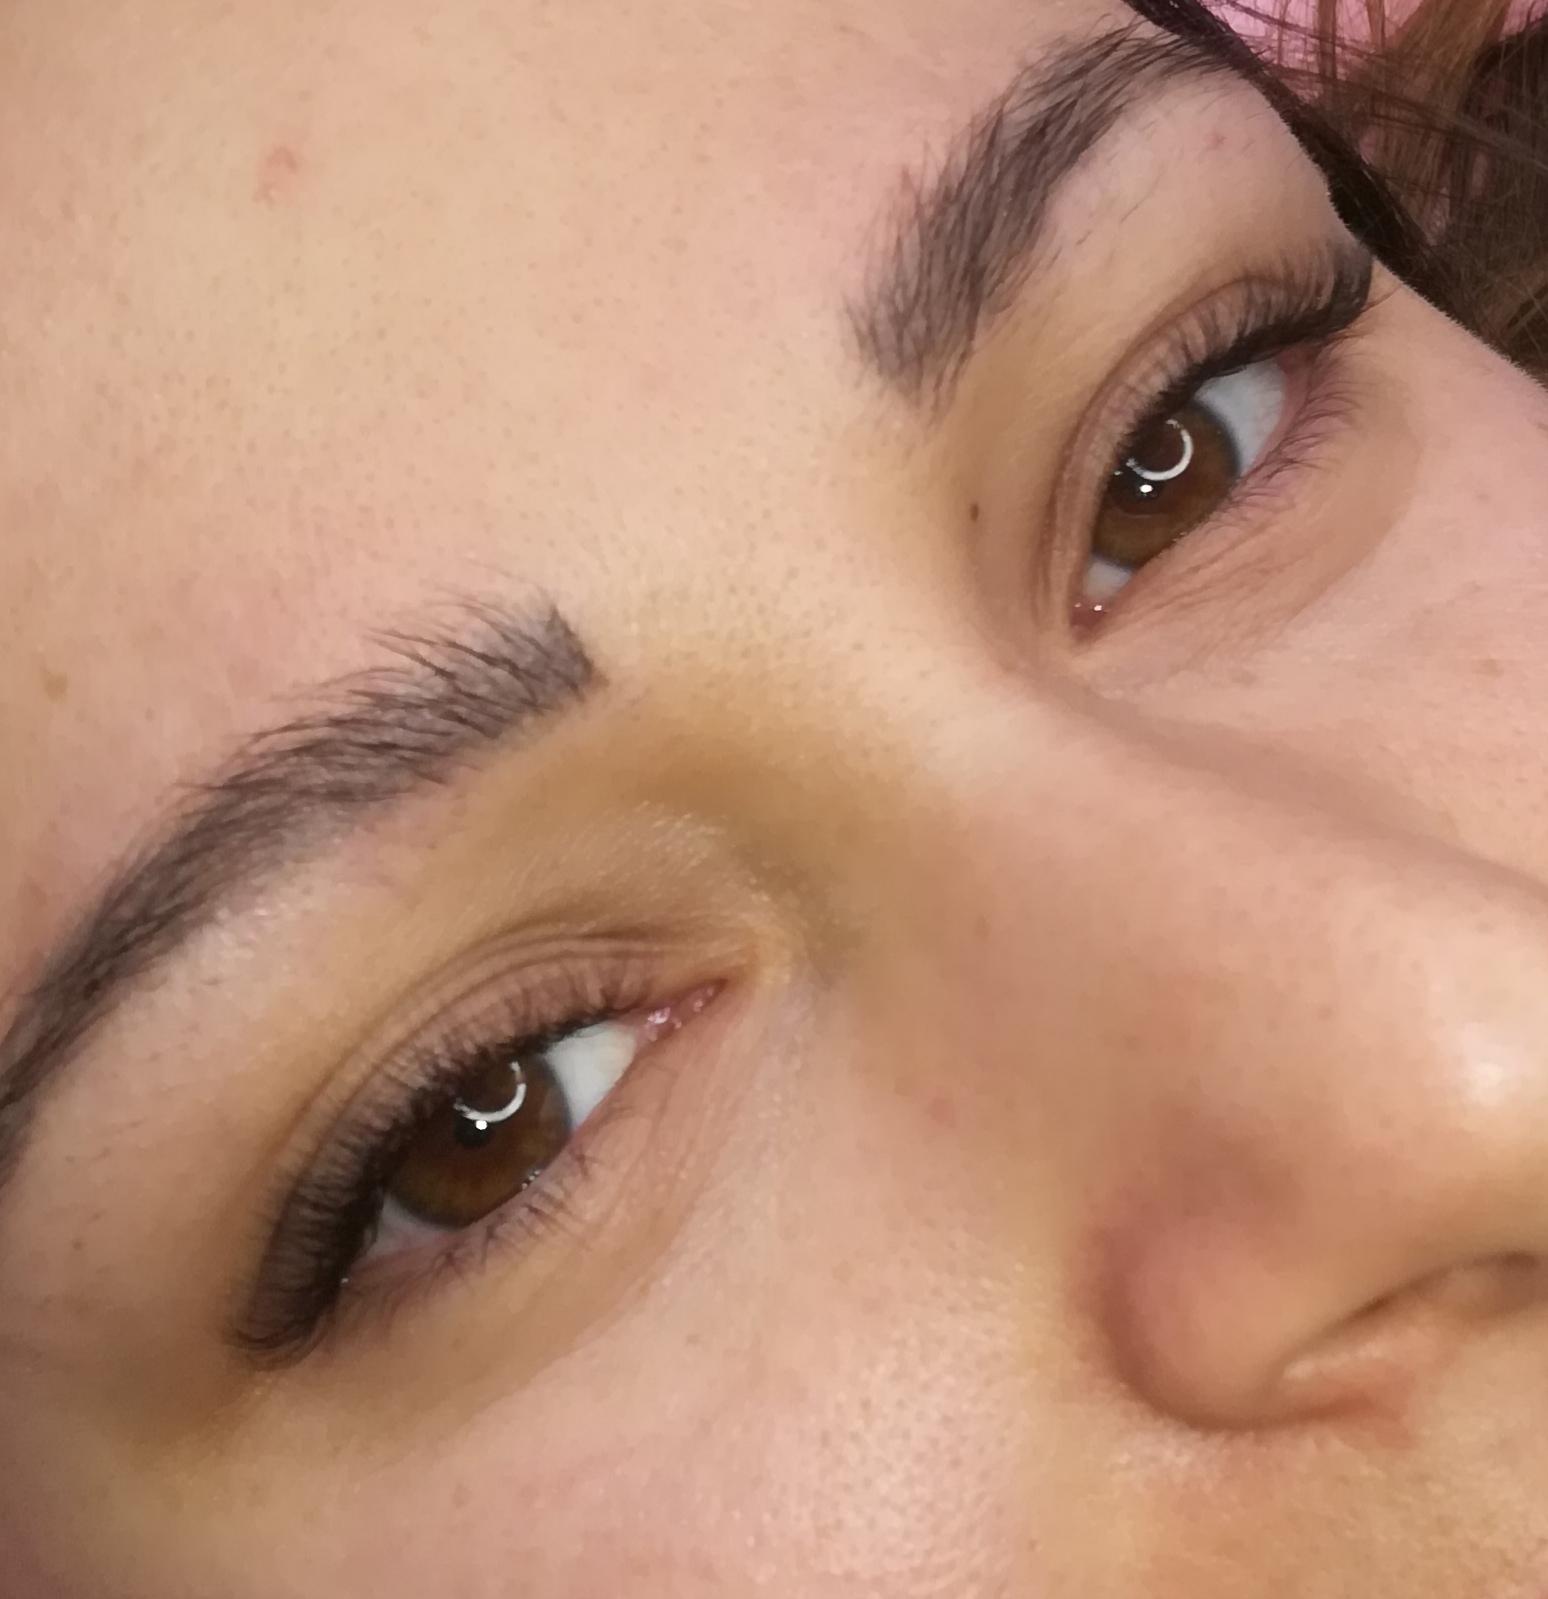 Pflegehinweise nach einer Wimpernverlängerung